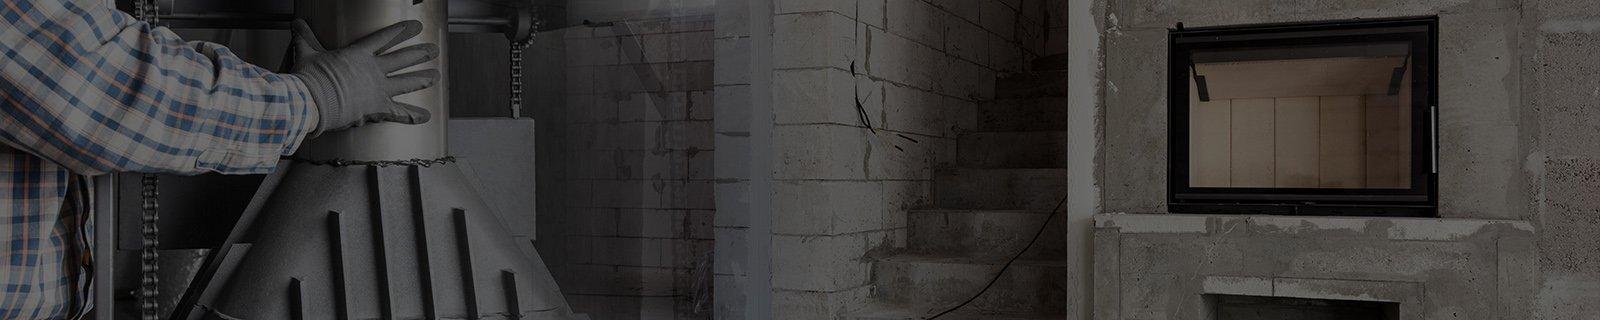 Недорогие вентиляционные решетки для камина купить в Киеве - Kaminoff™